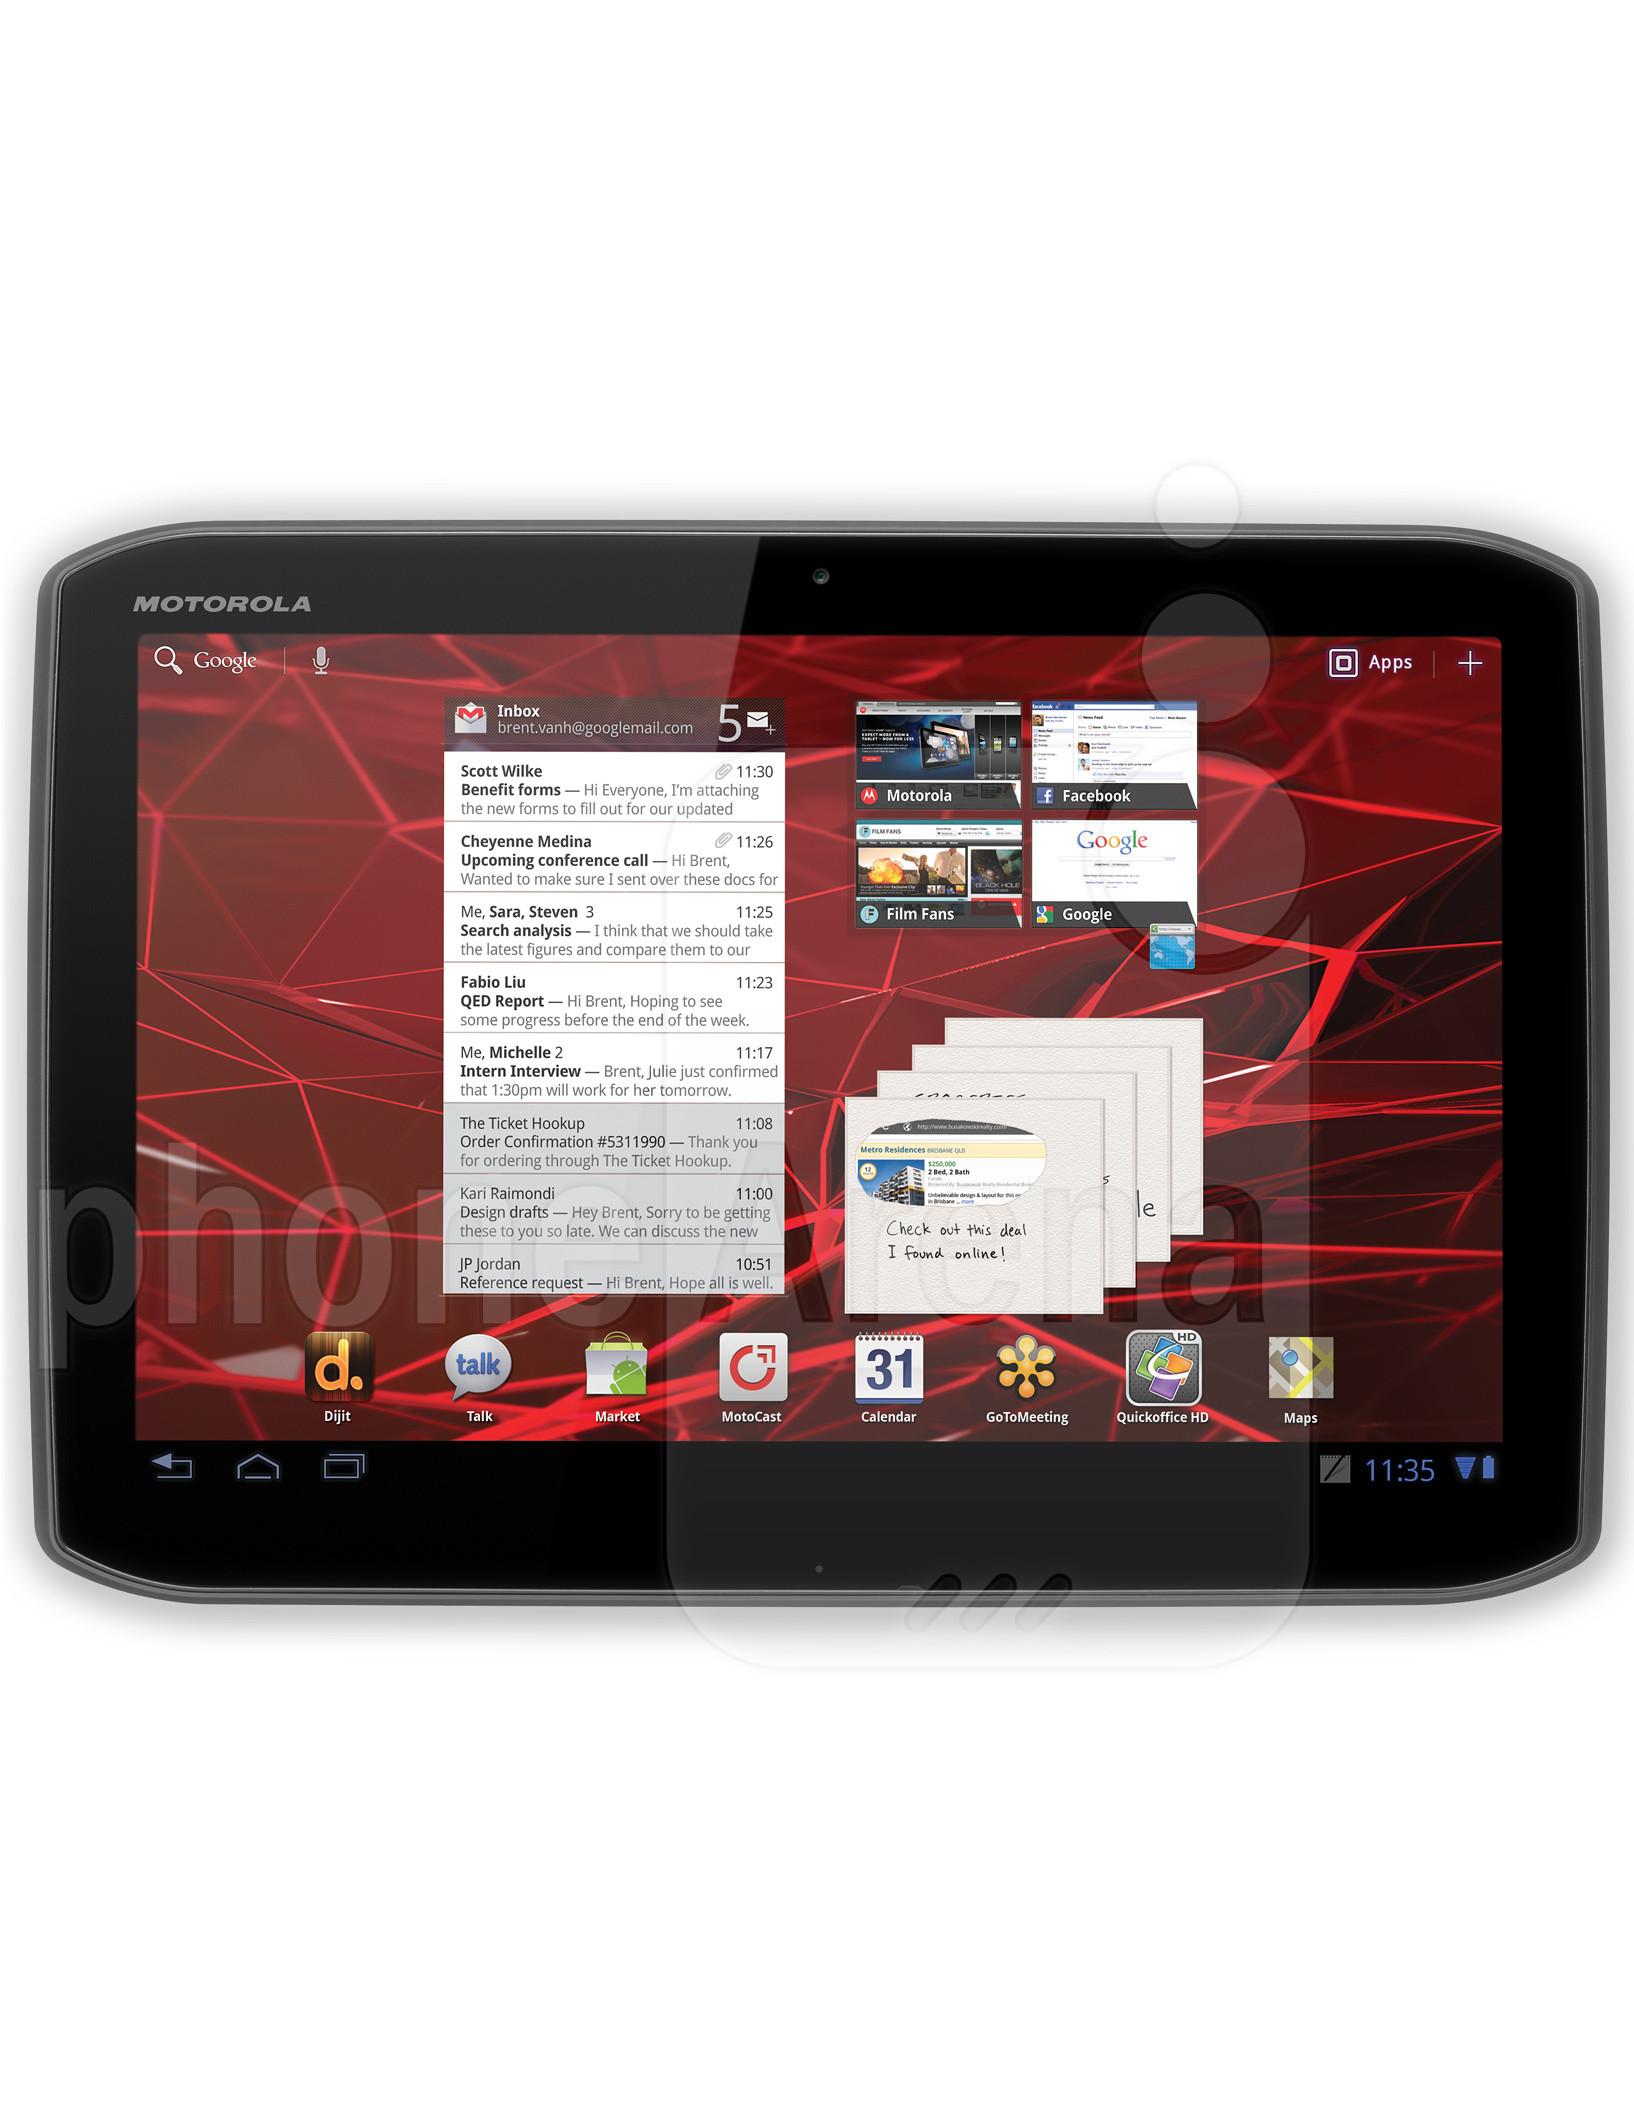 Motorola DROID XYBOARD 10 1 specs